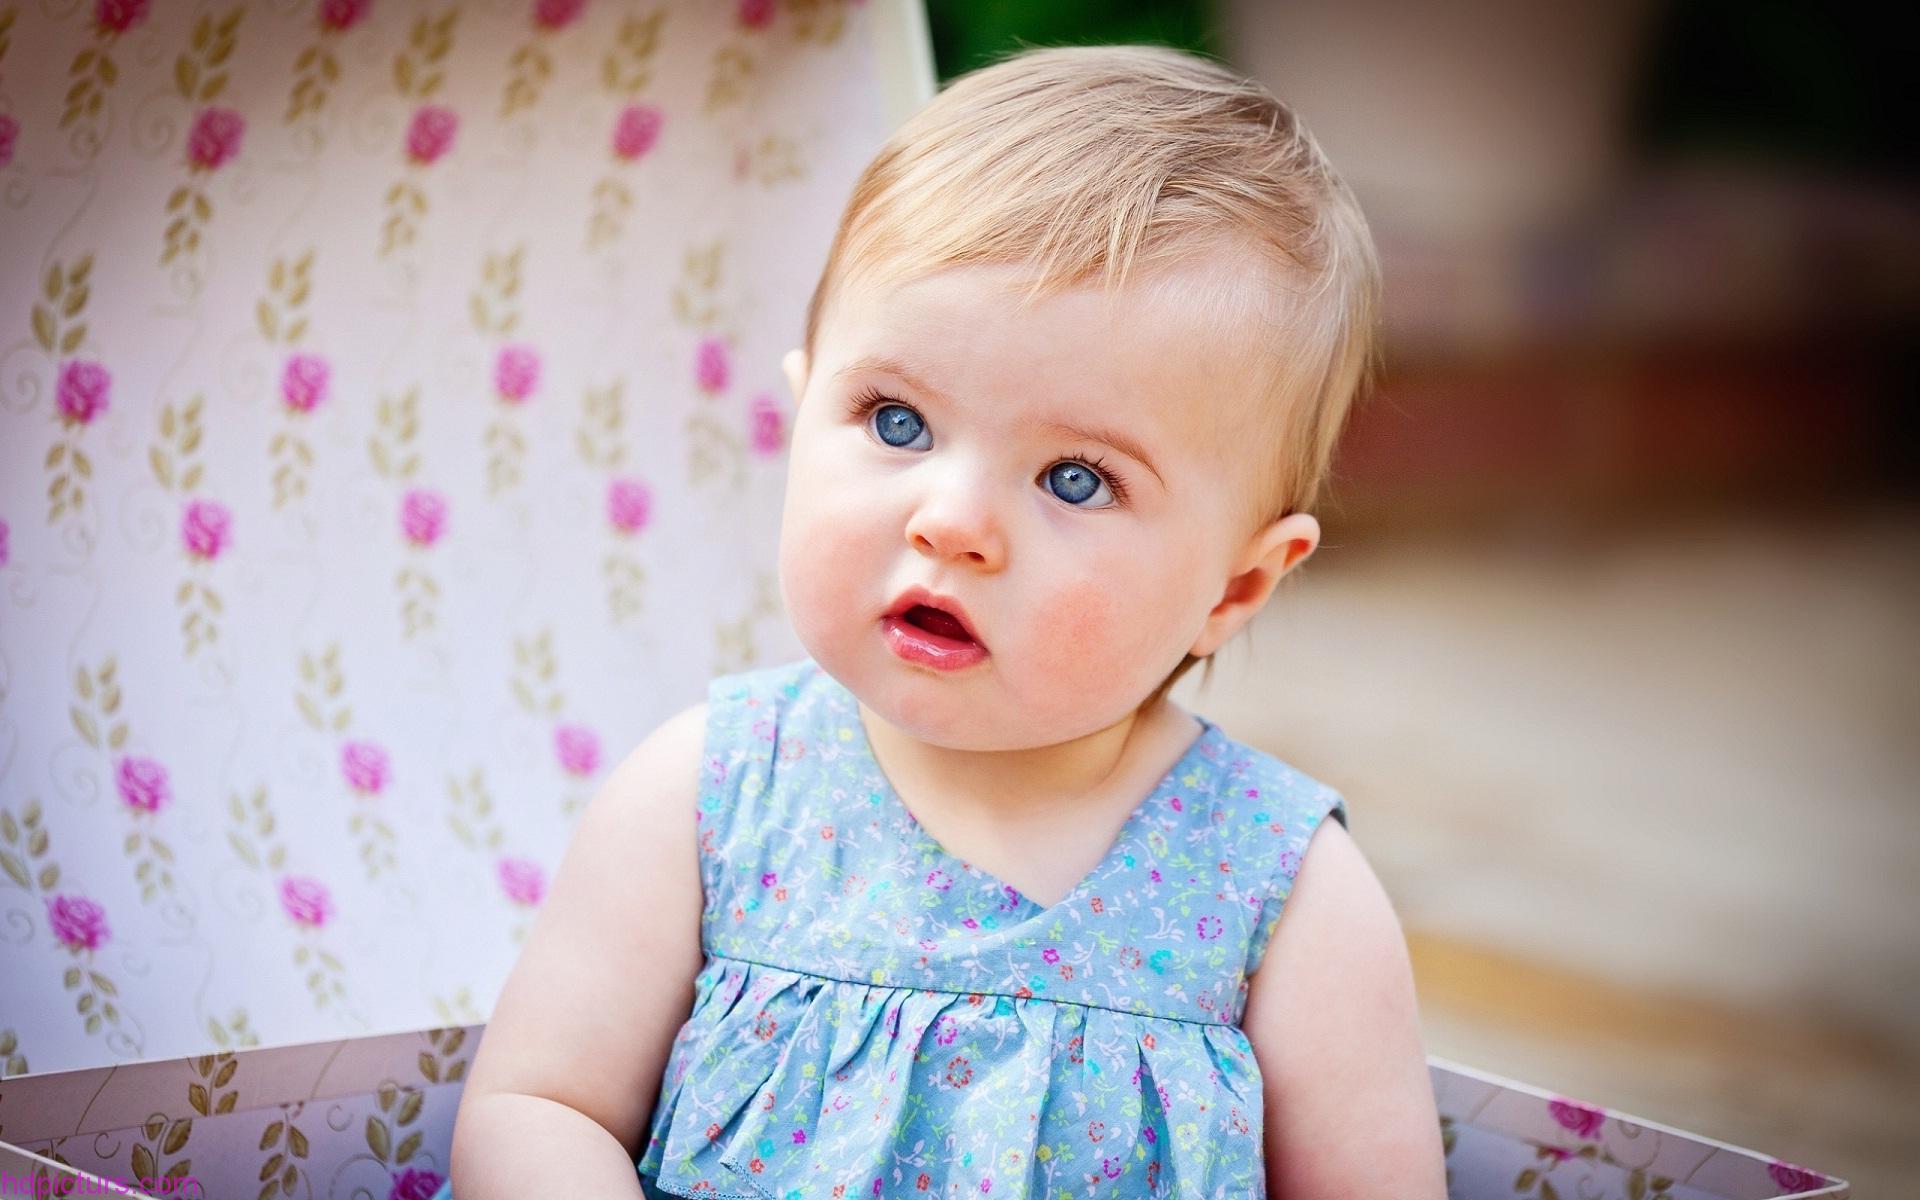 بالصور صور اطفال صغار , اجمل بيبز ممكن تشوفهم ياسروا القلوب والعيون 3144